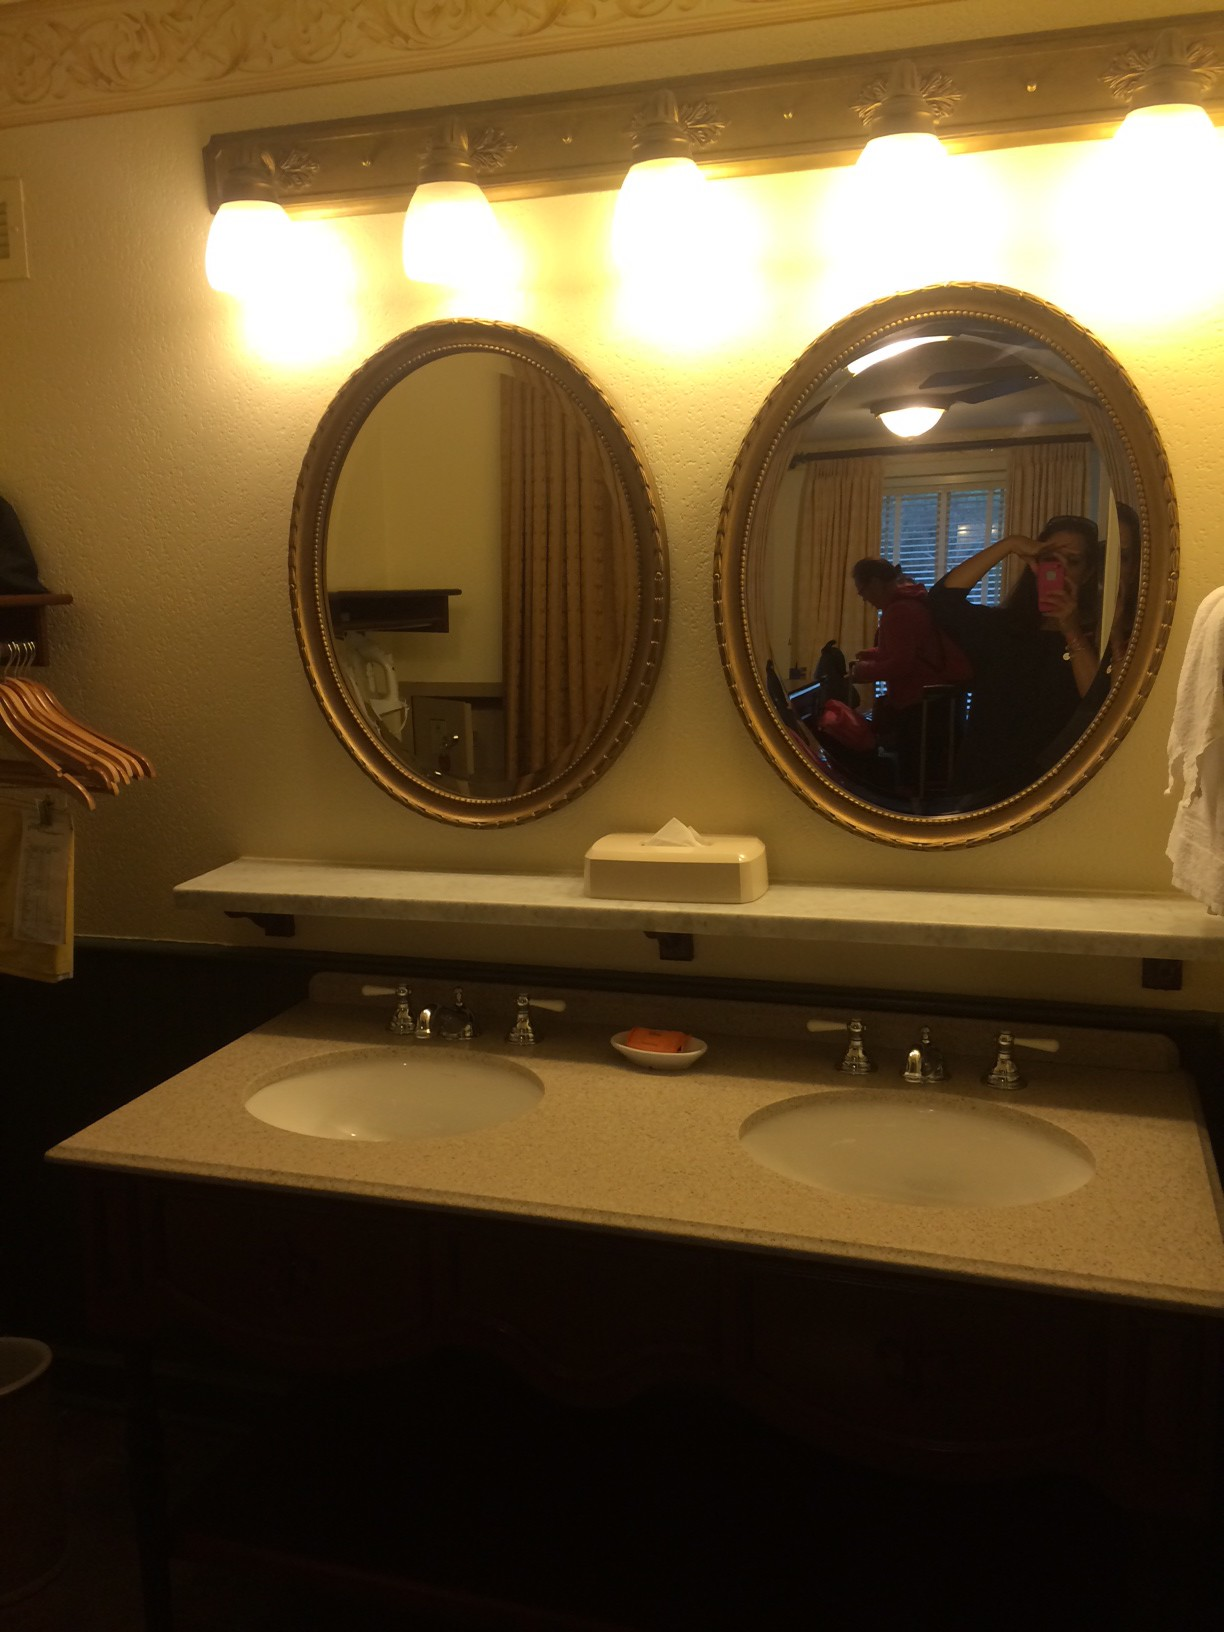 The double vanity.